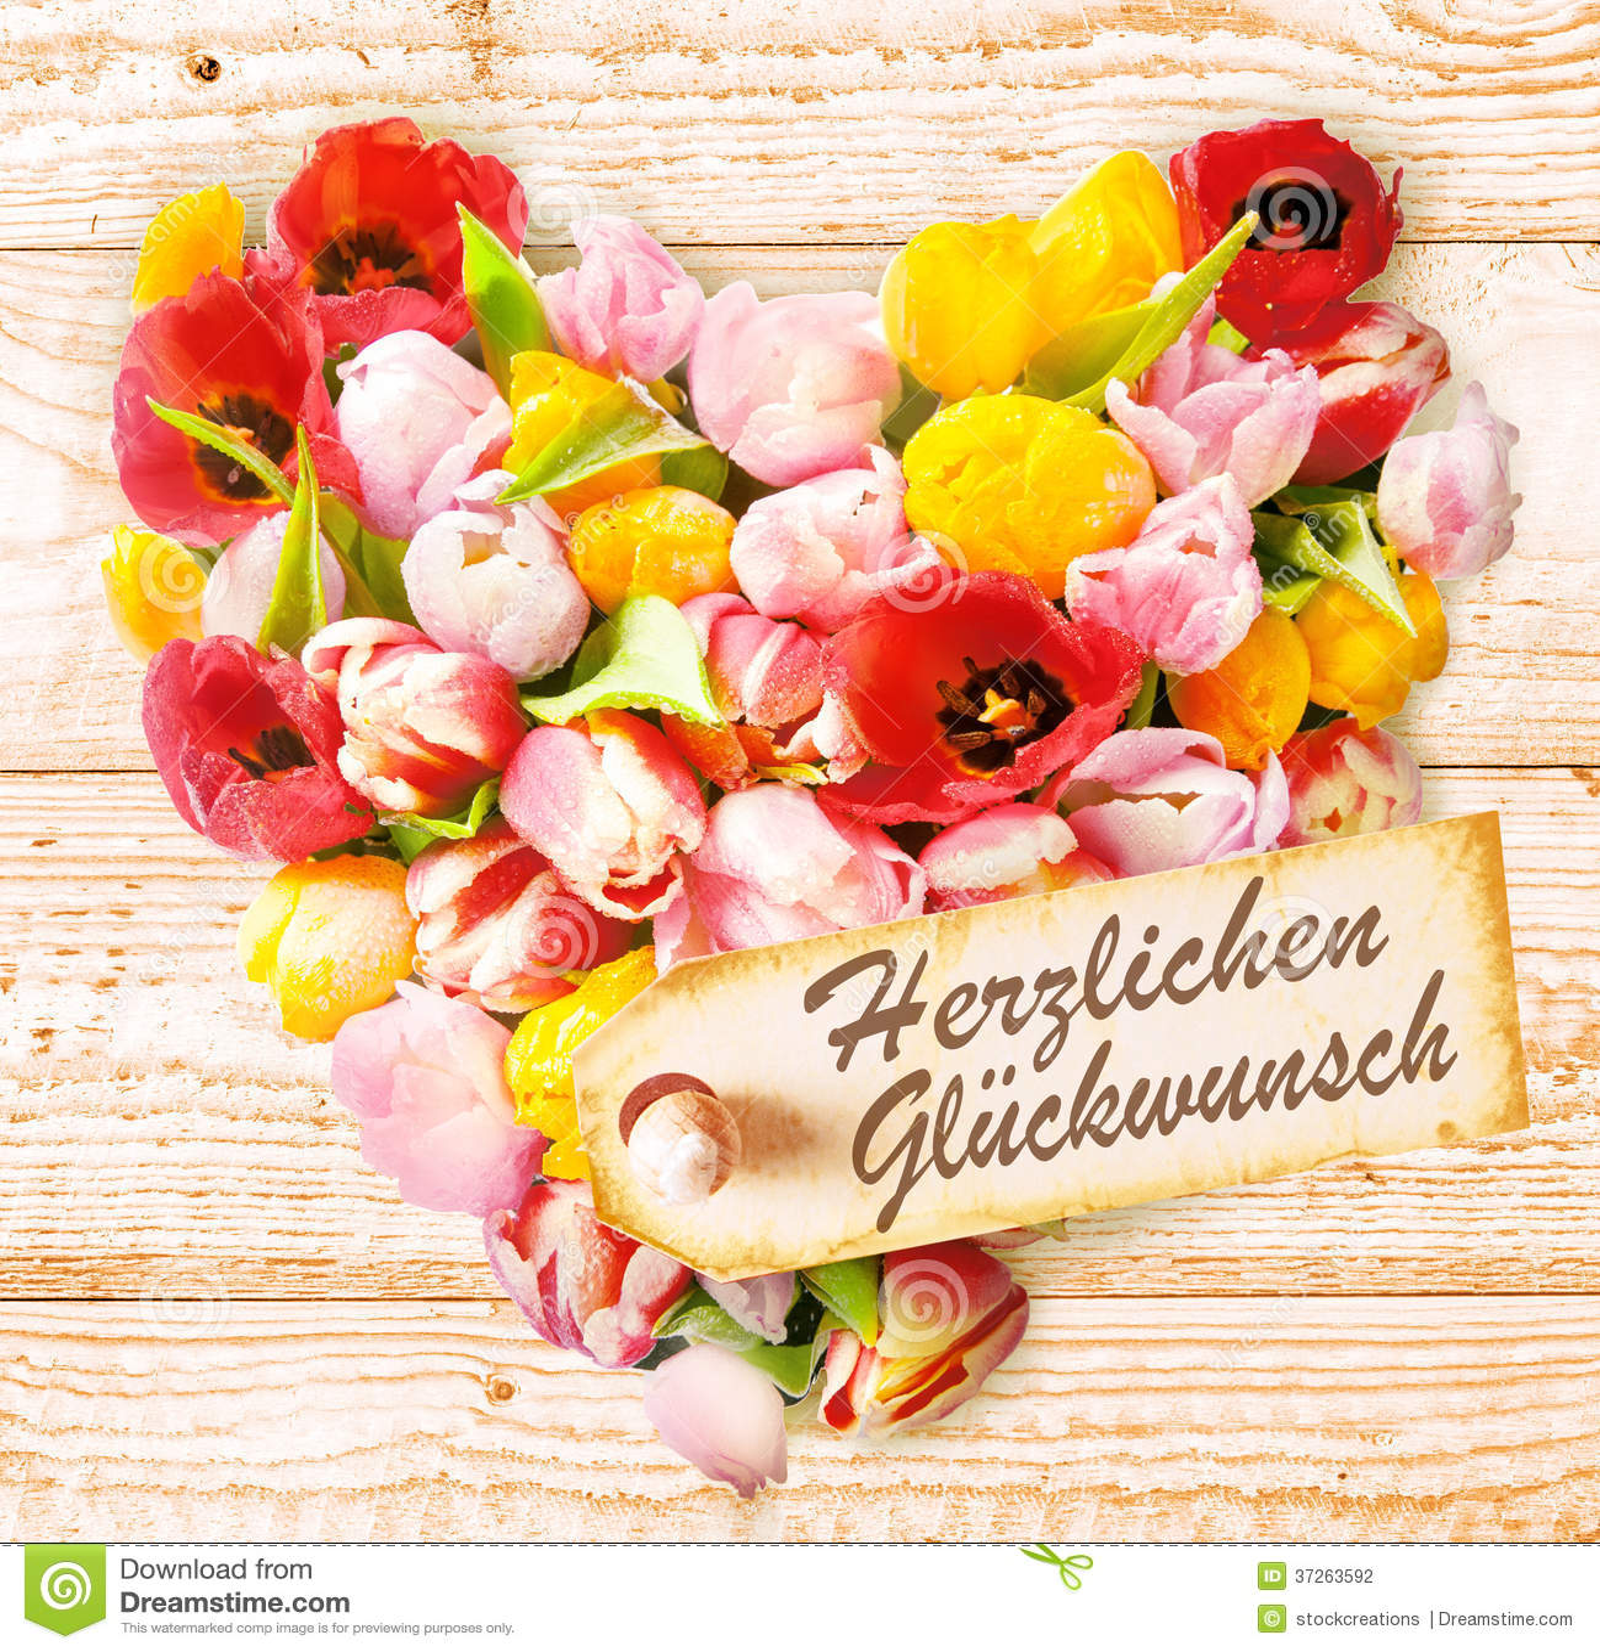 Duitse Verjaardagswensen Op Een Kleurrijk Bloemenhart Stock Foto